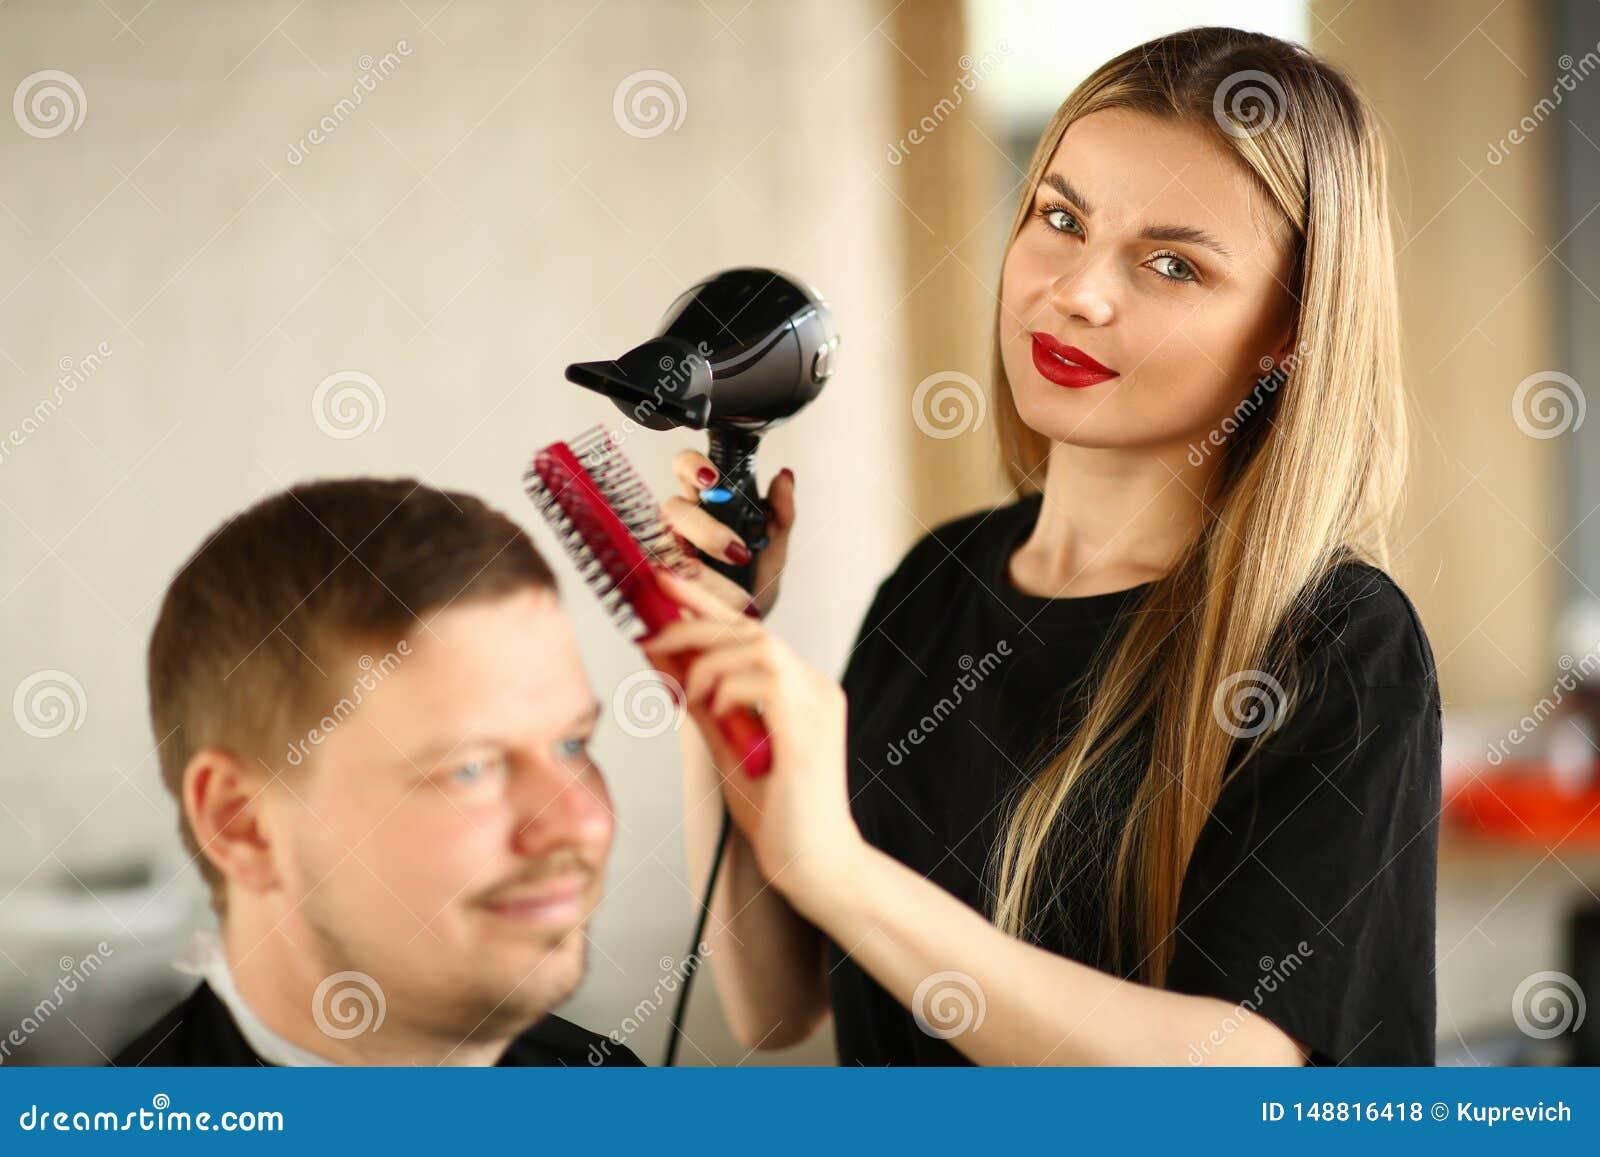 Styliste en coiffure dénommant la coiffure avec le dessiccateur et le peigne